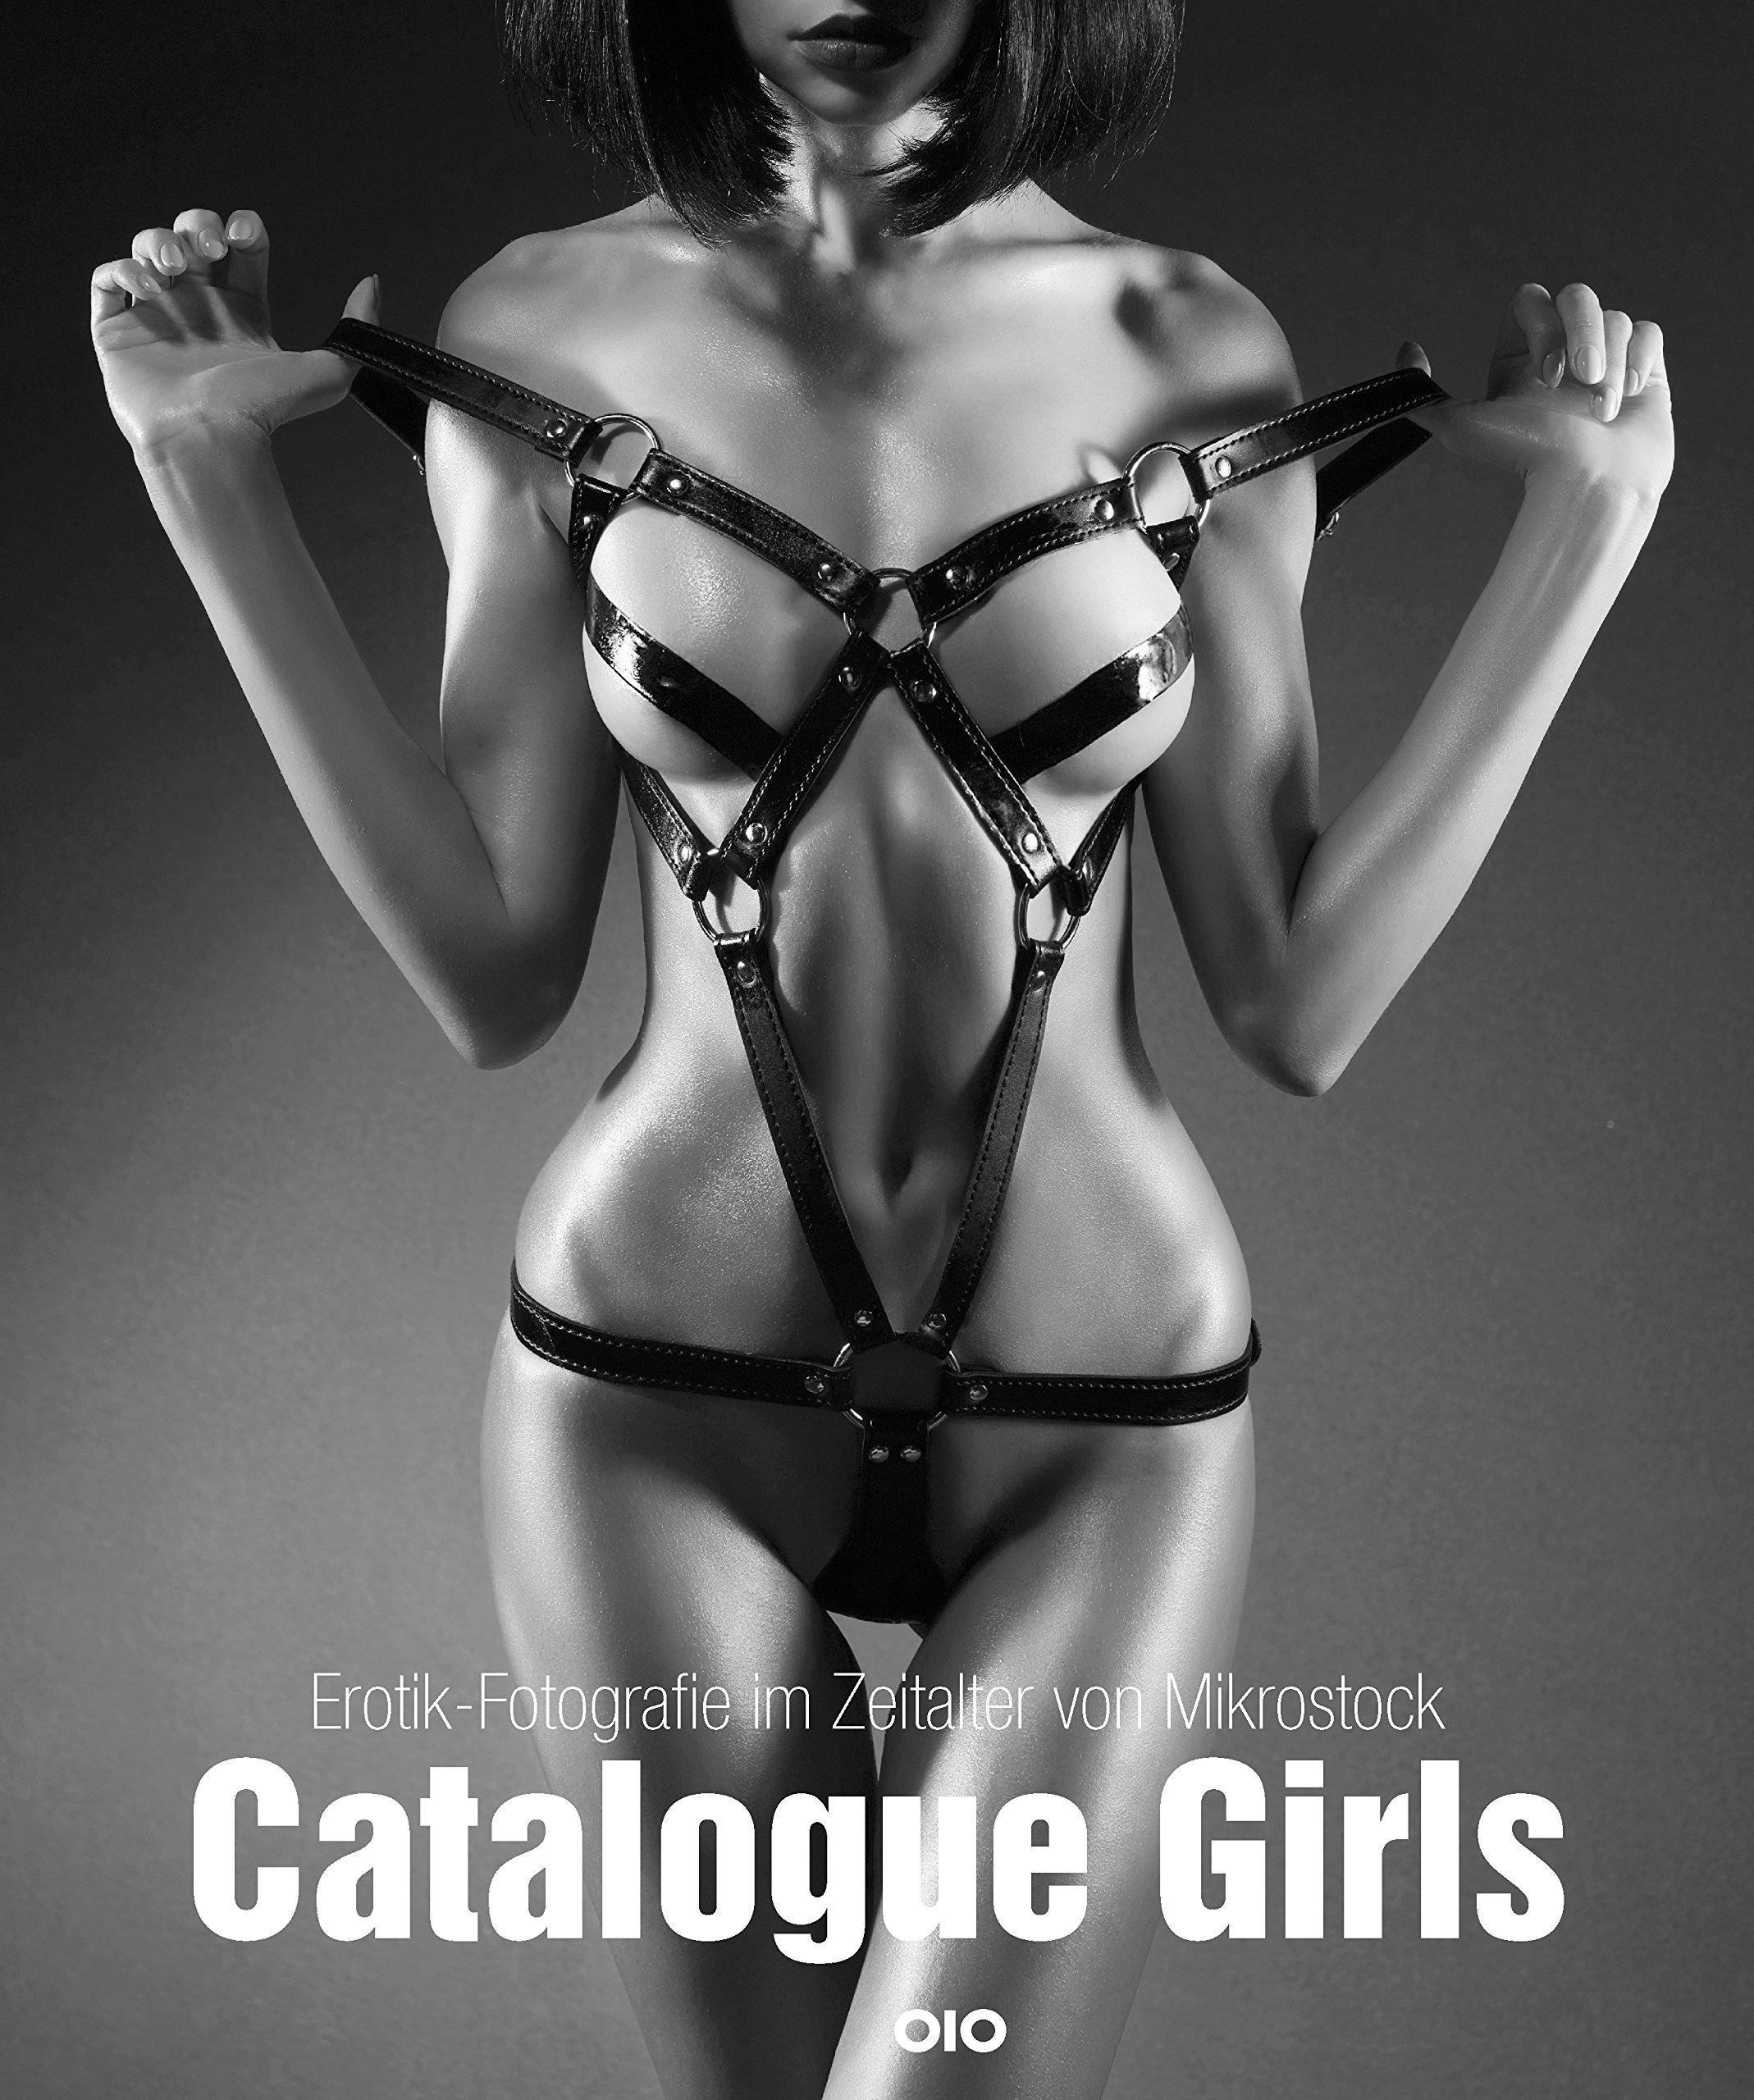 Catalogue Girls: Erotik-Fotografie im Zeitalter von Mikrostock